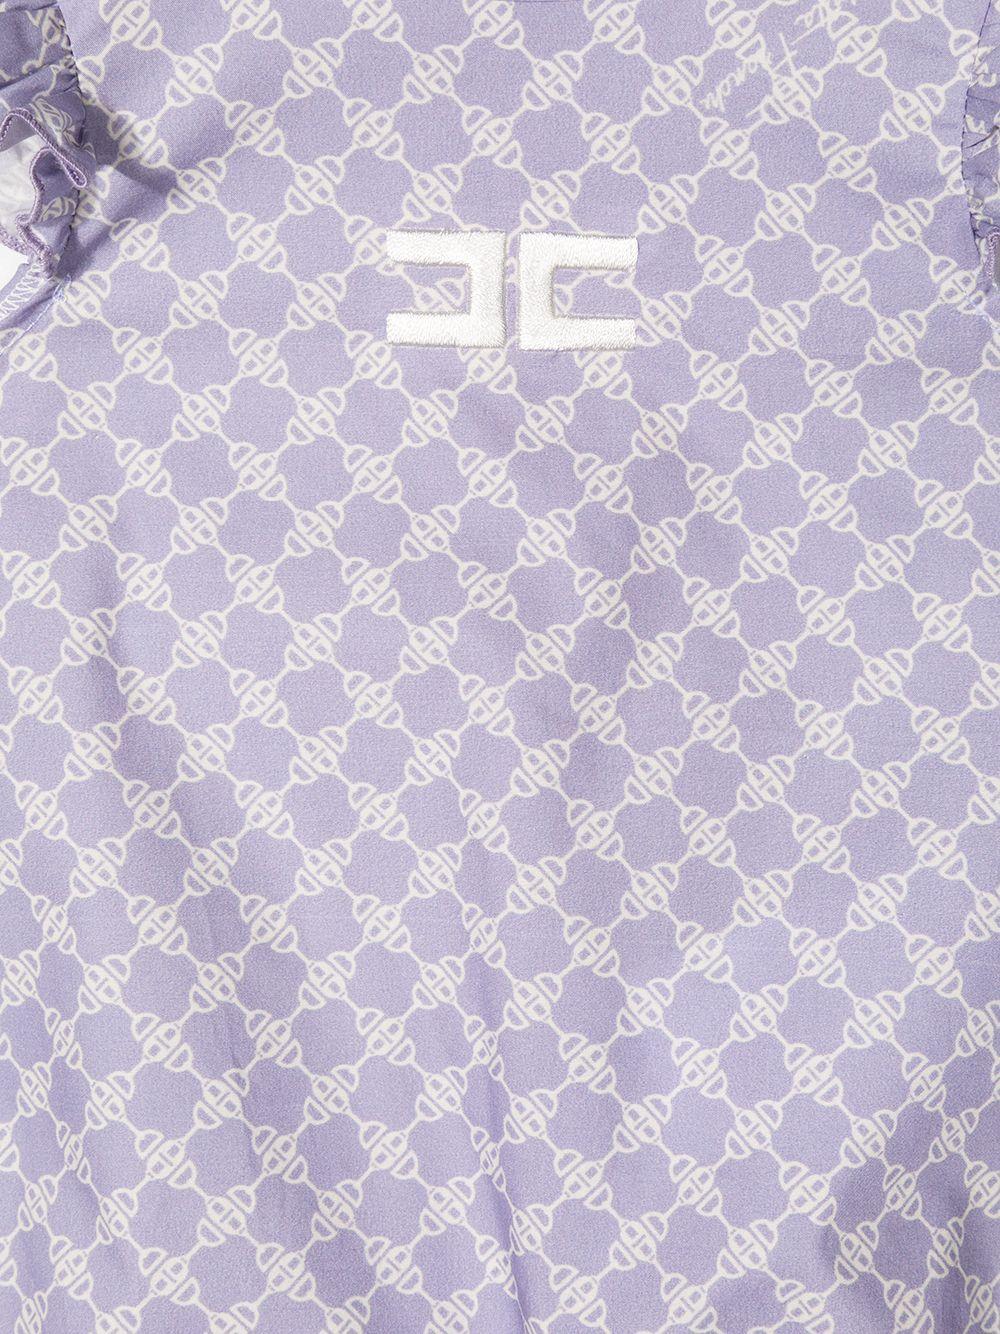 elisabbetta franchi pagliaccetto con maniche volant in popeline stampa morsetto ELISABETTA FRANCHI | Pagliaccetto | ENPG18CF495WE033D023